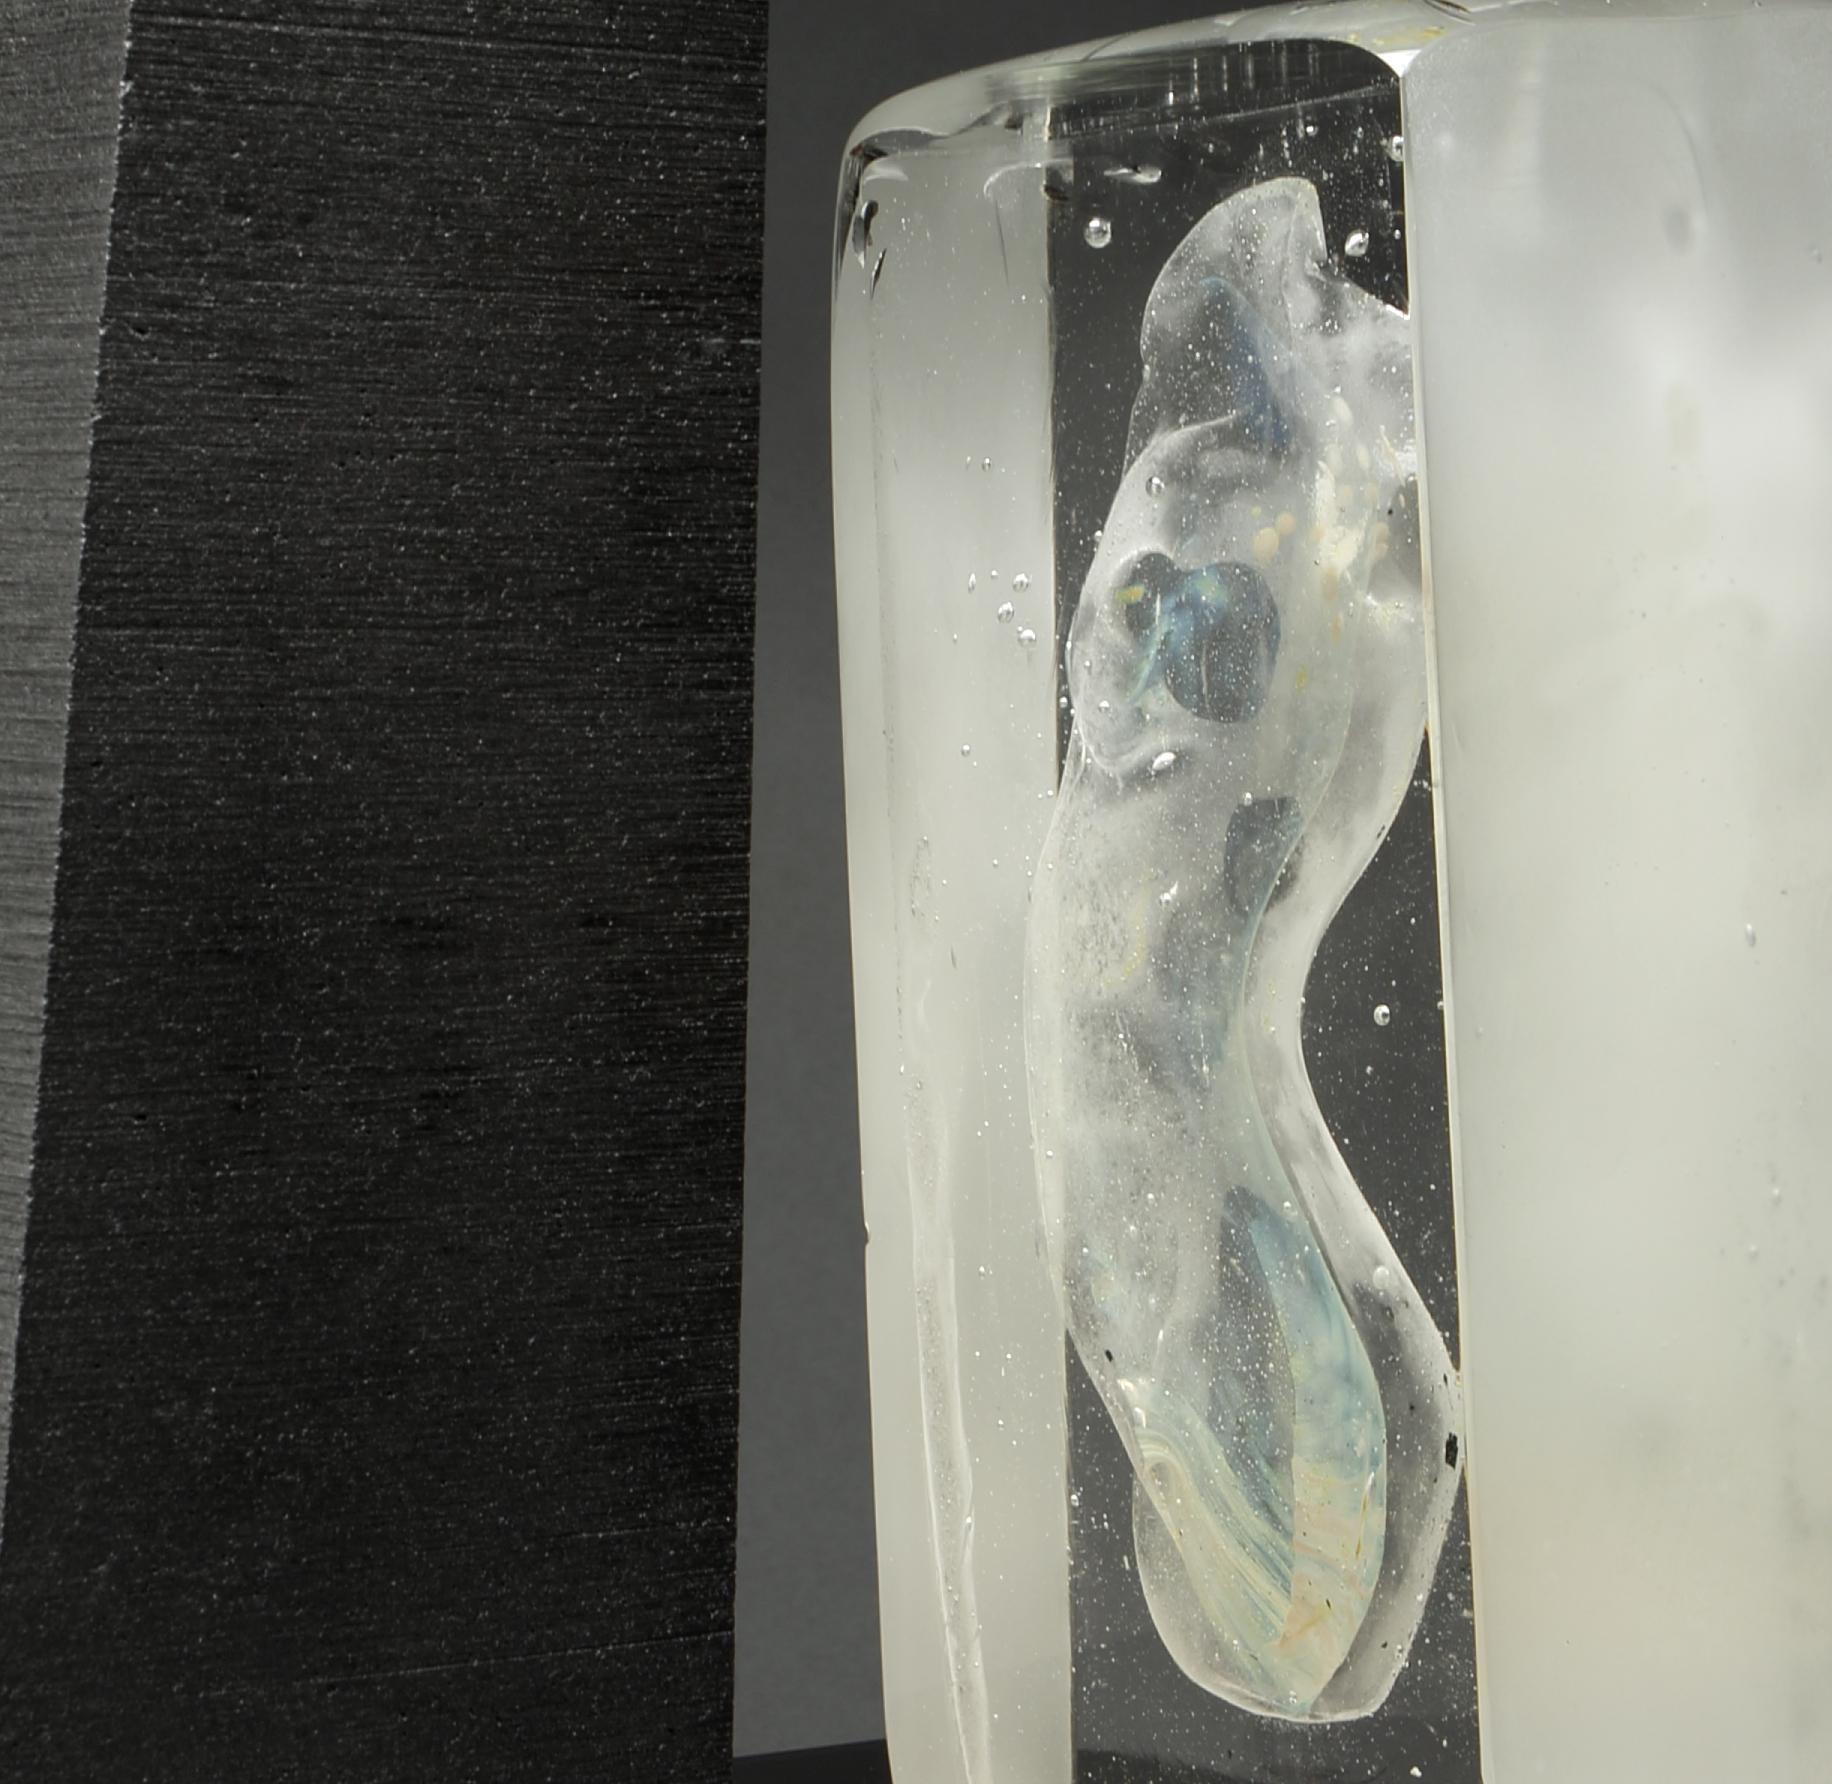 CarbonFigure-Close-up